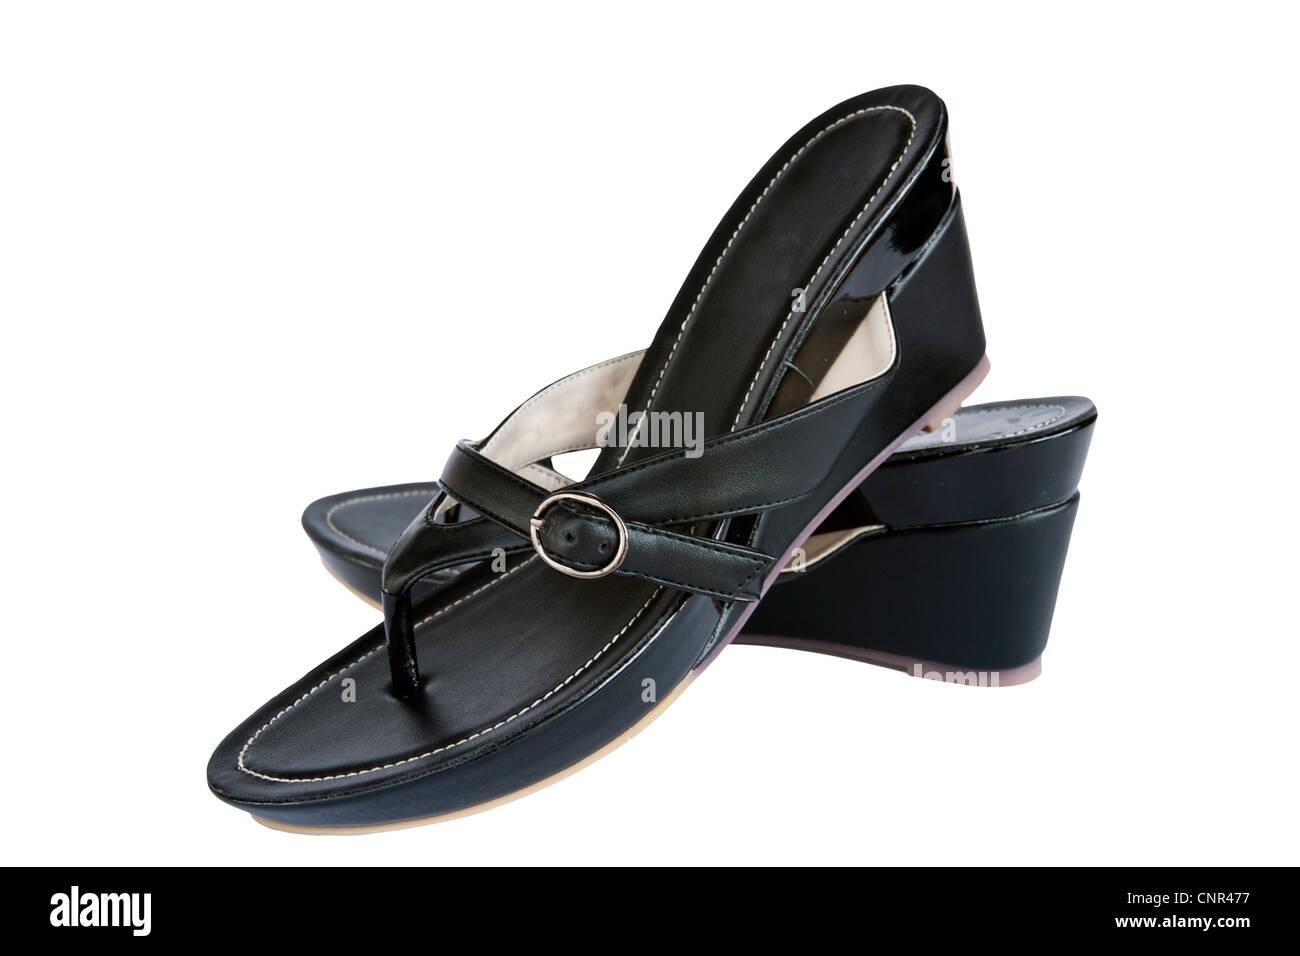 7564840357ae Schwarze high Heel Frauen Schuhe auf weißem Hintergrund Stockbild